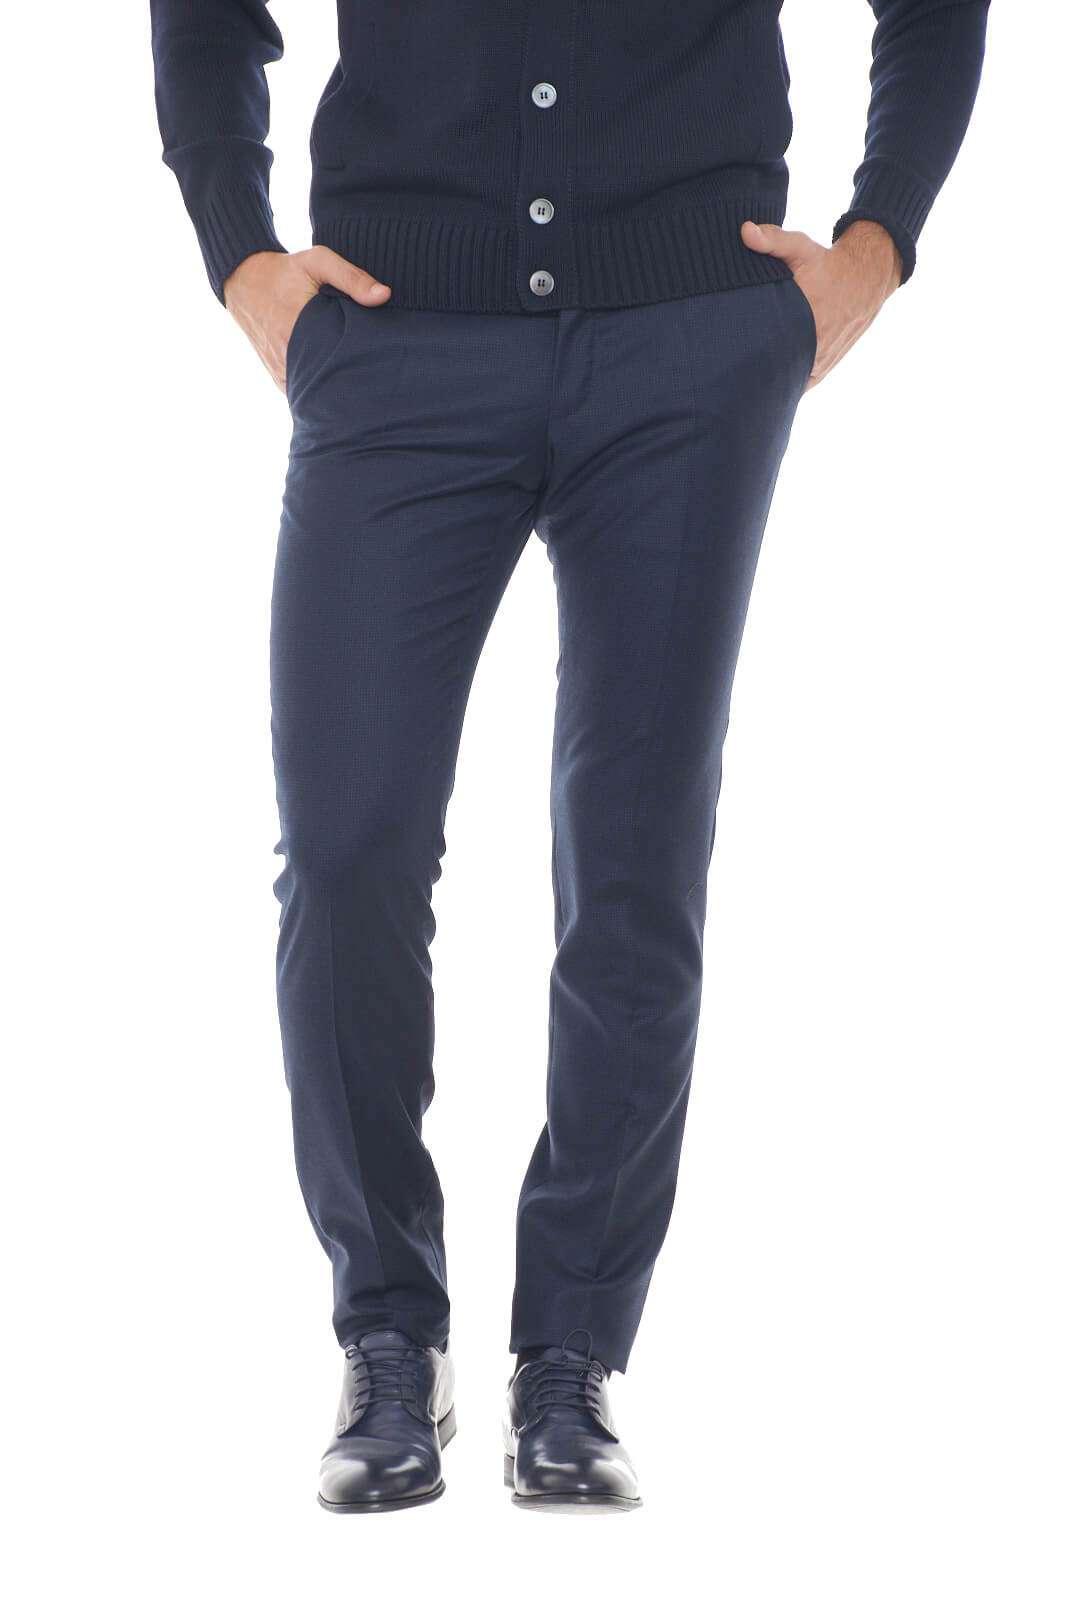 AI outlet parmax pantaloni uomo Incotex 1T0030 1753J A